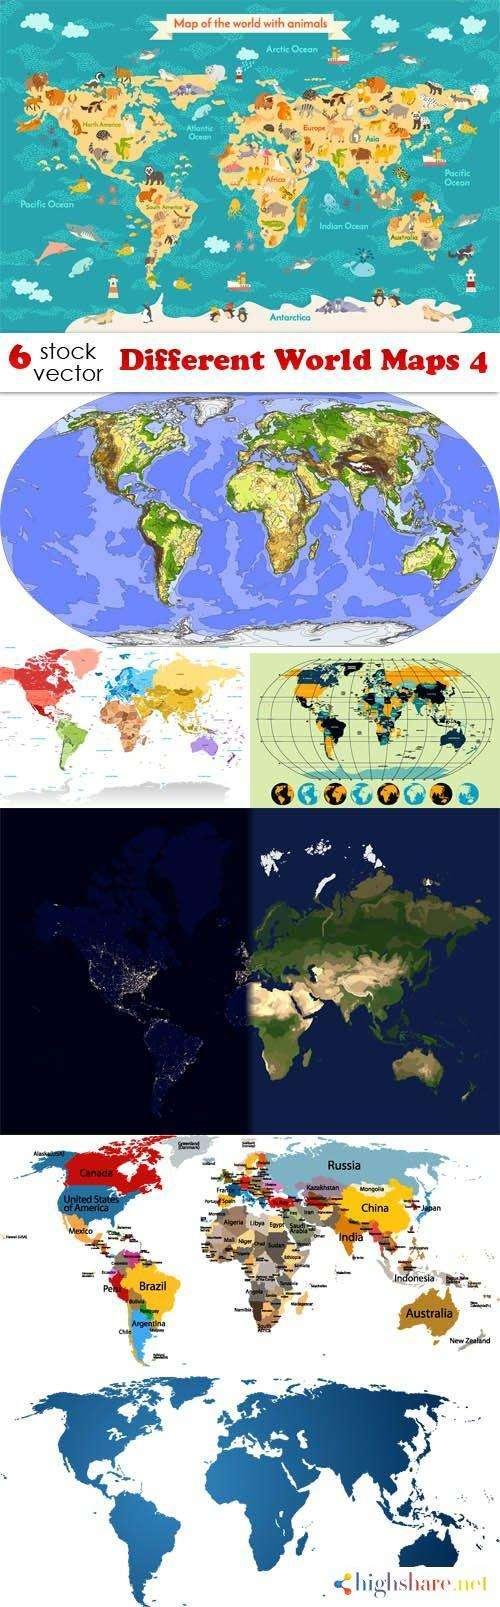 vectors different world maps 4 5f41dff535f4a - Vectors - Different World Maps 4